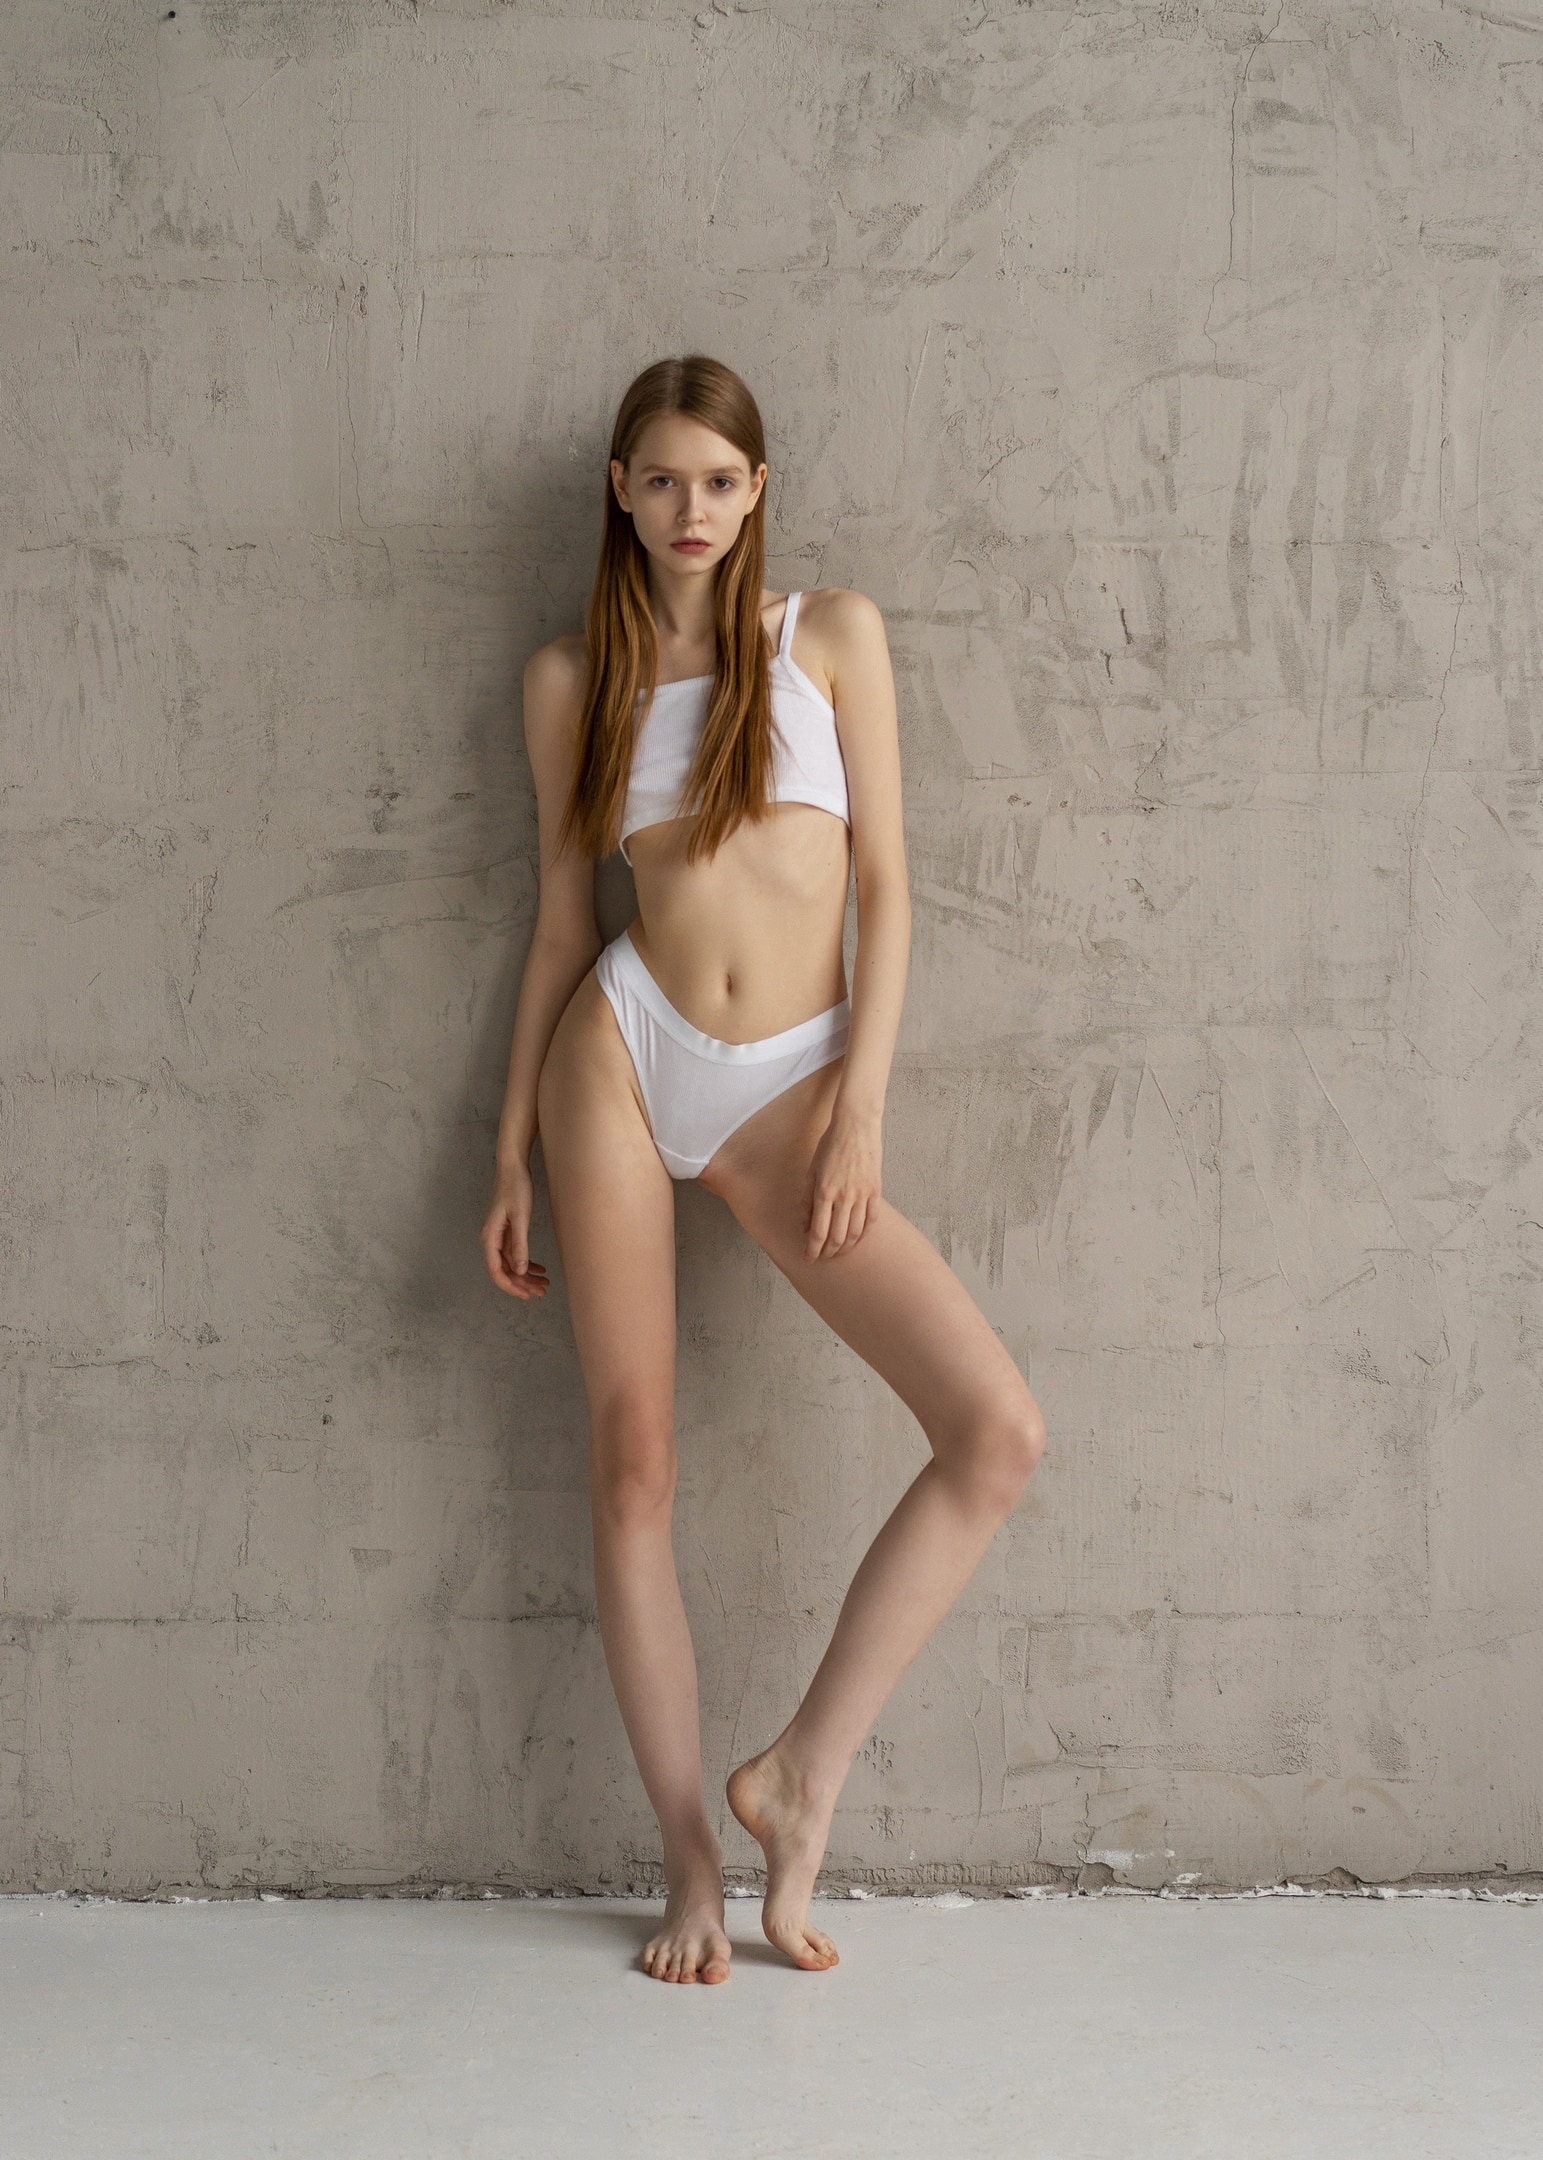 Cristal by Anna Slozhno